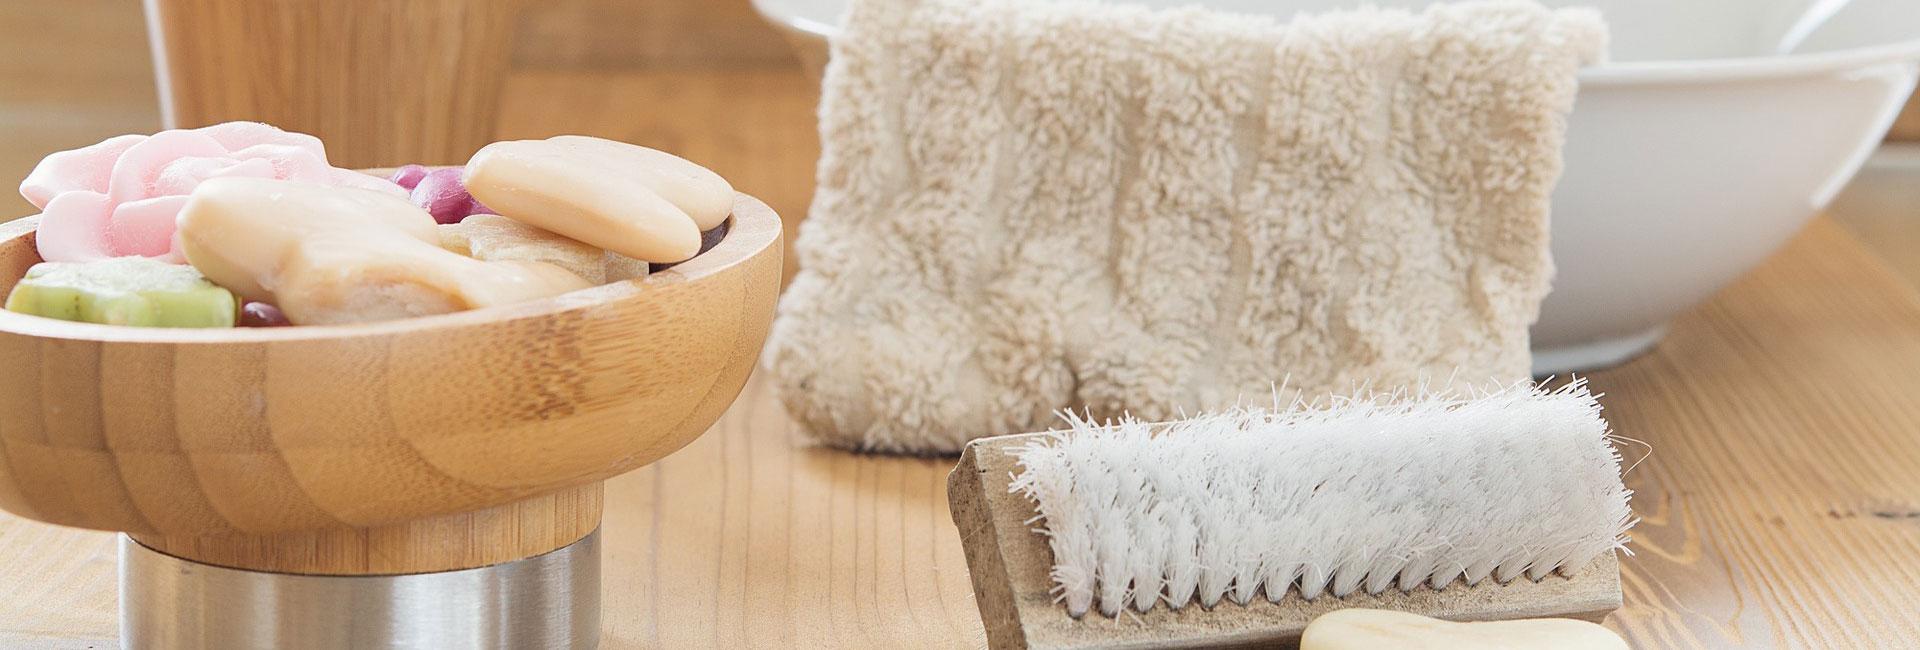 Waschlappen und Seife für die Grundpflege